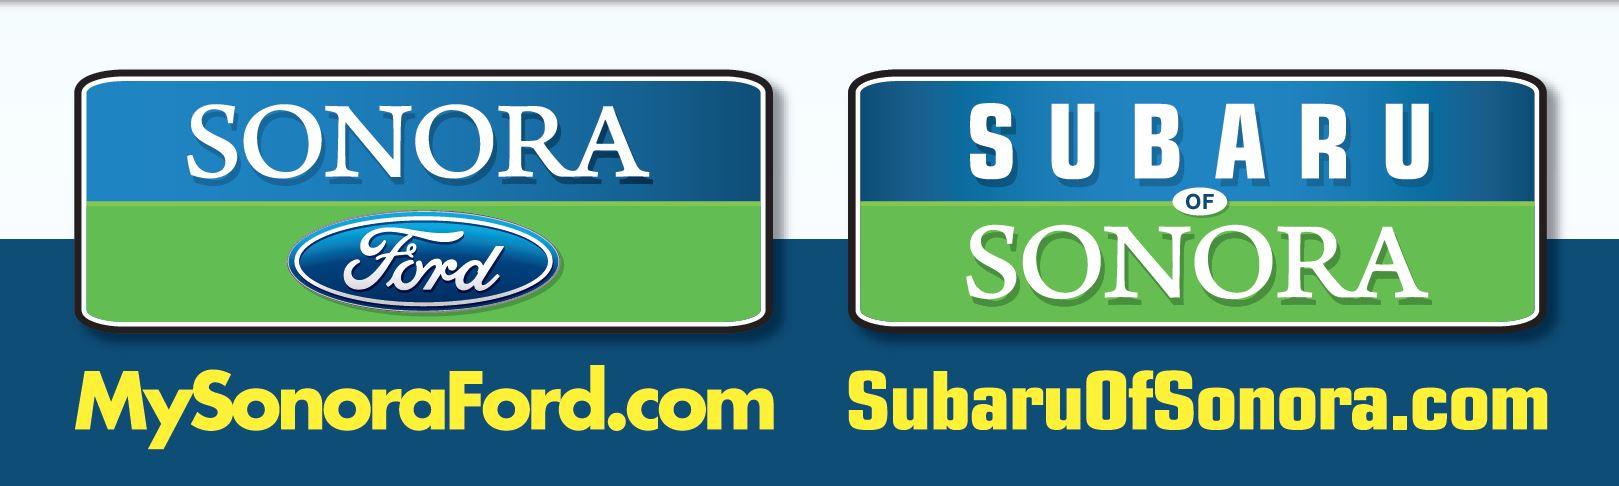 Sonora Ford Subaru